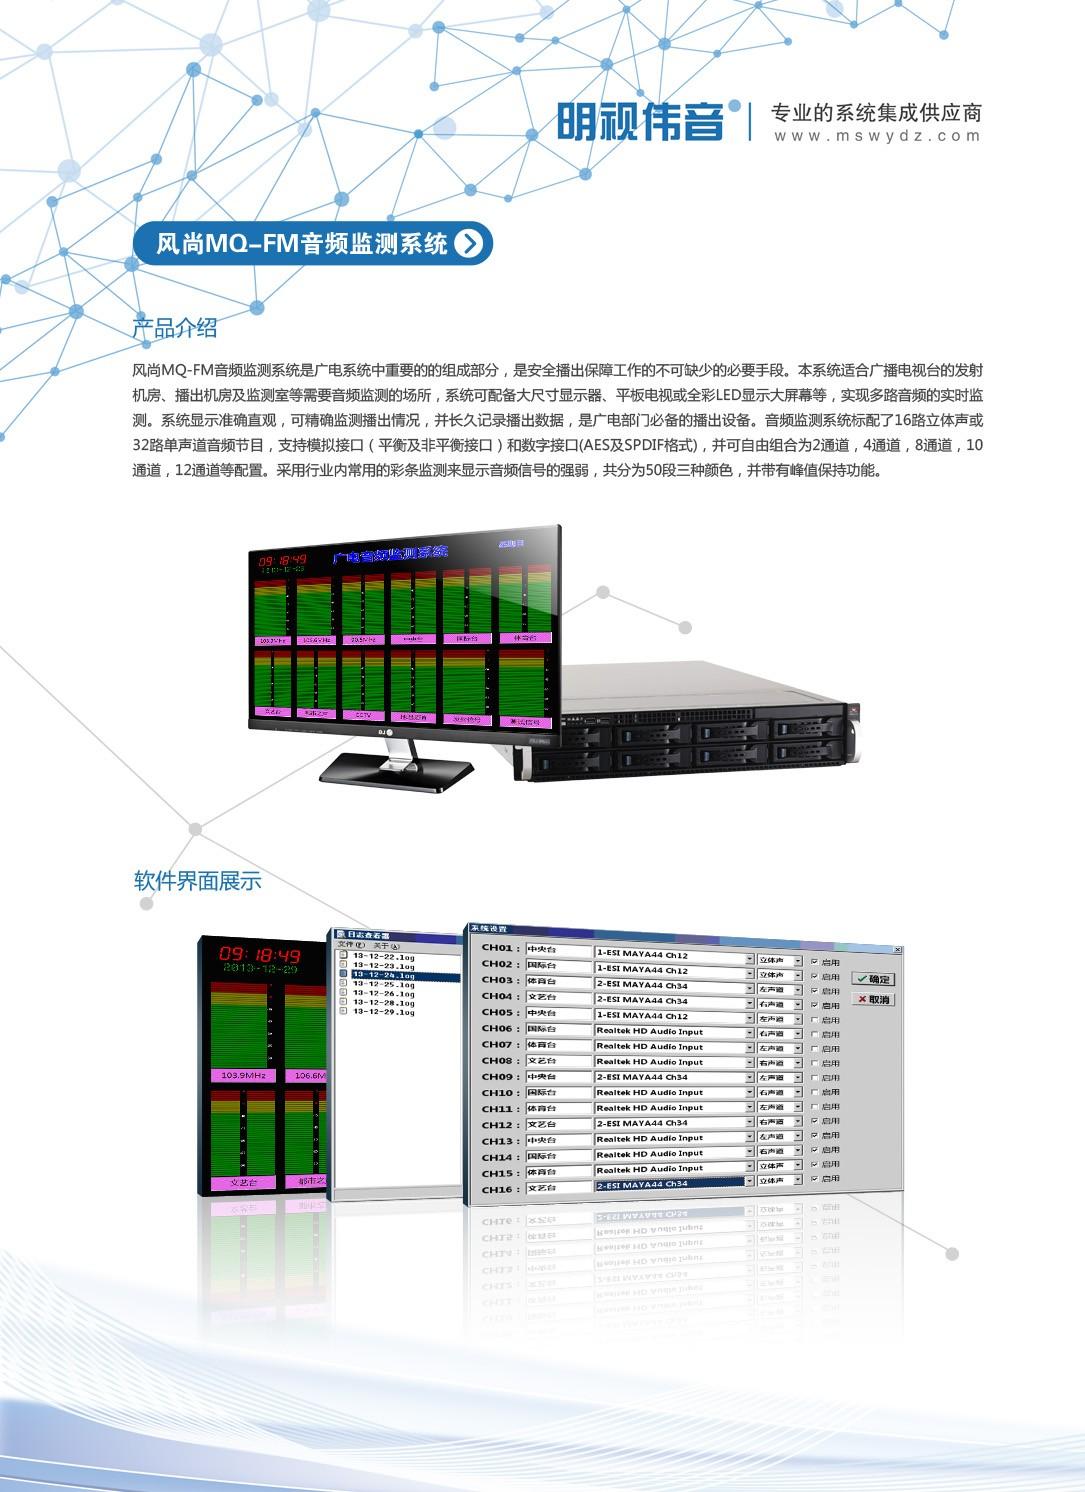 风尚音频监测系统.jpg